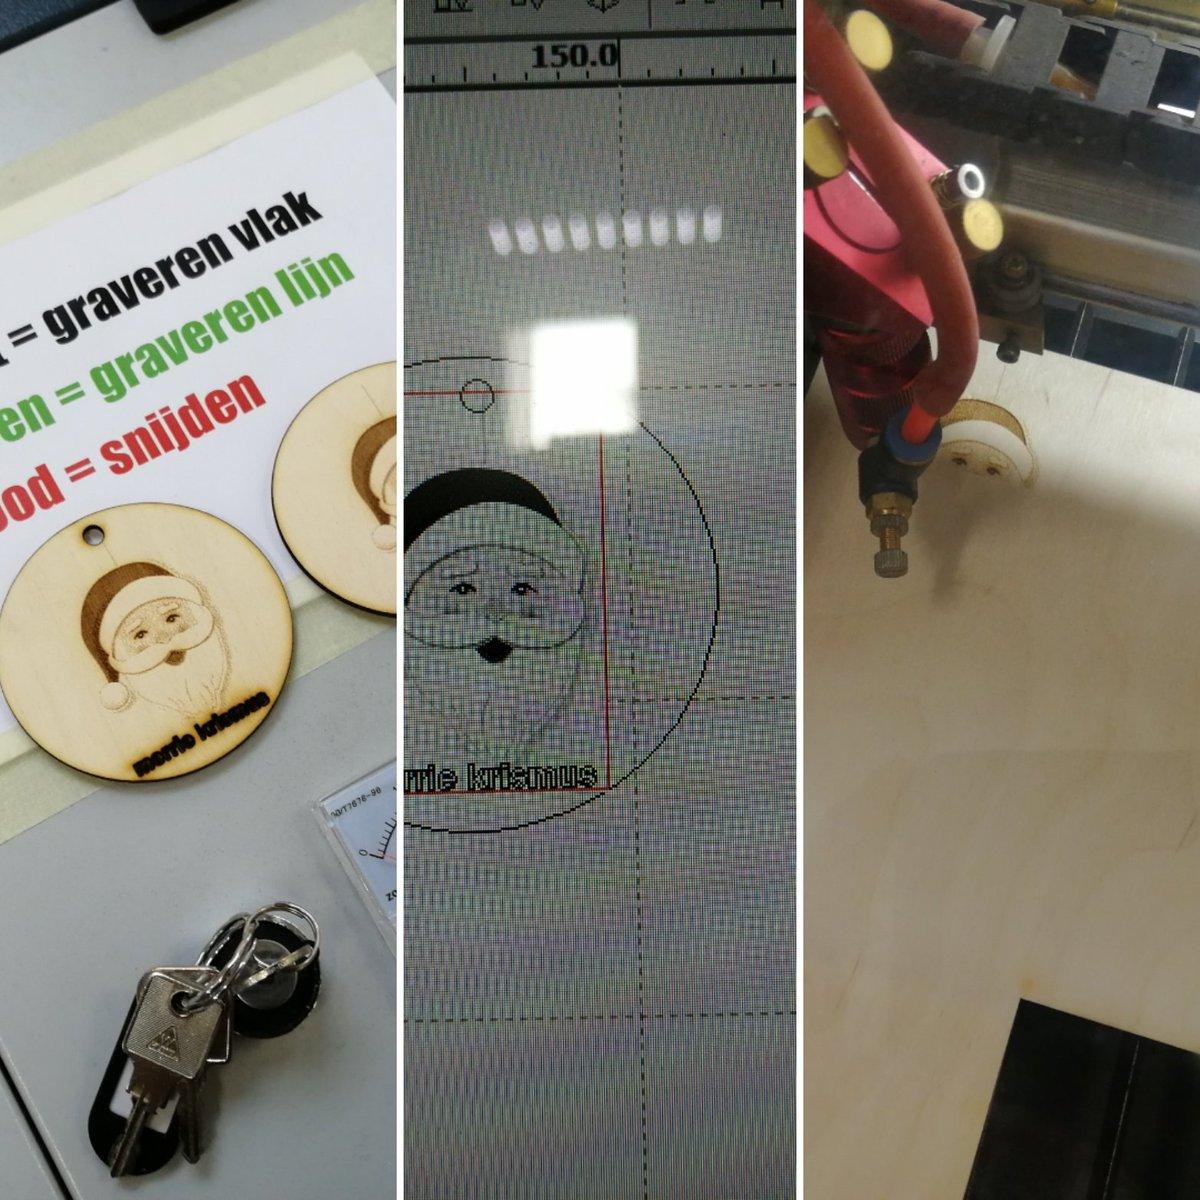 test Twitter Media - Tijd om zelf eens te leren hoe de lasercutter werkt. Kinderlijk eenvoudig. Tijd om met onze studenten mooie dingen te ontwerpen @leraarworden #hanpabo https://t.co/GiqYWWpi9M